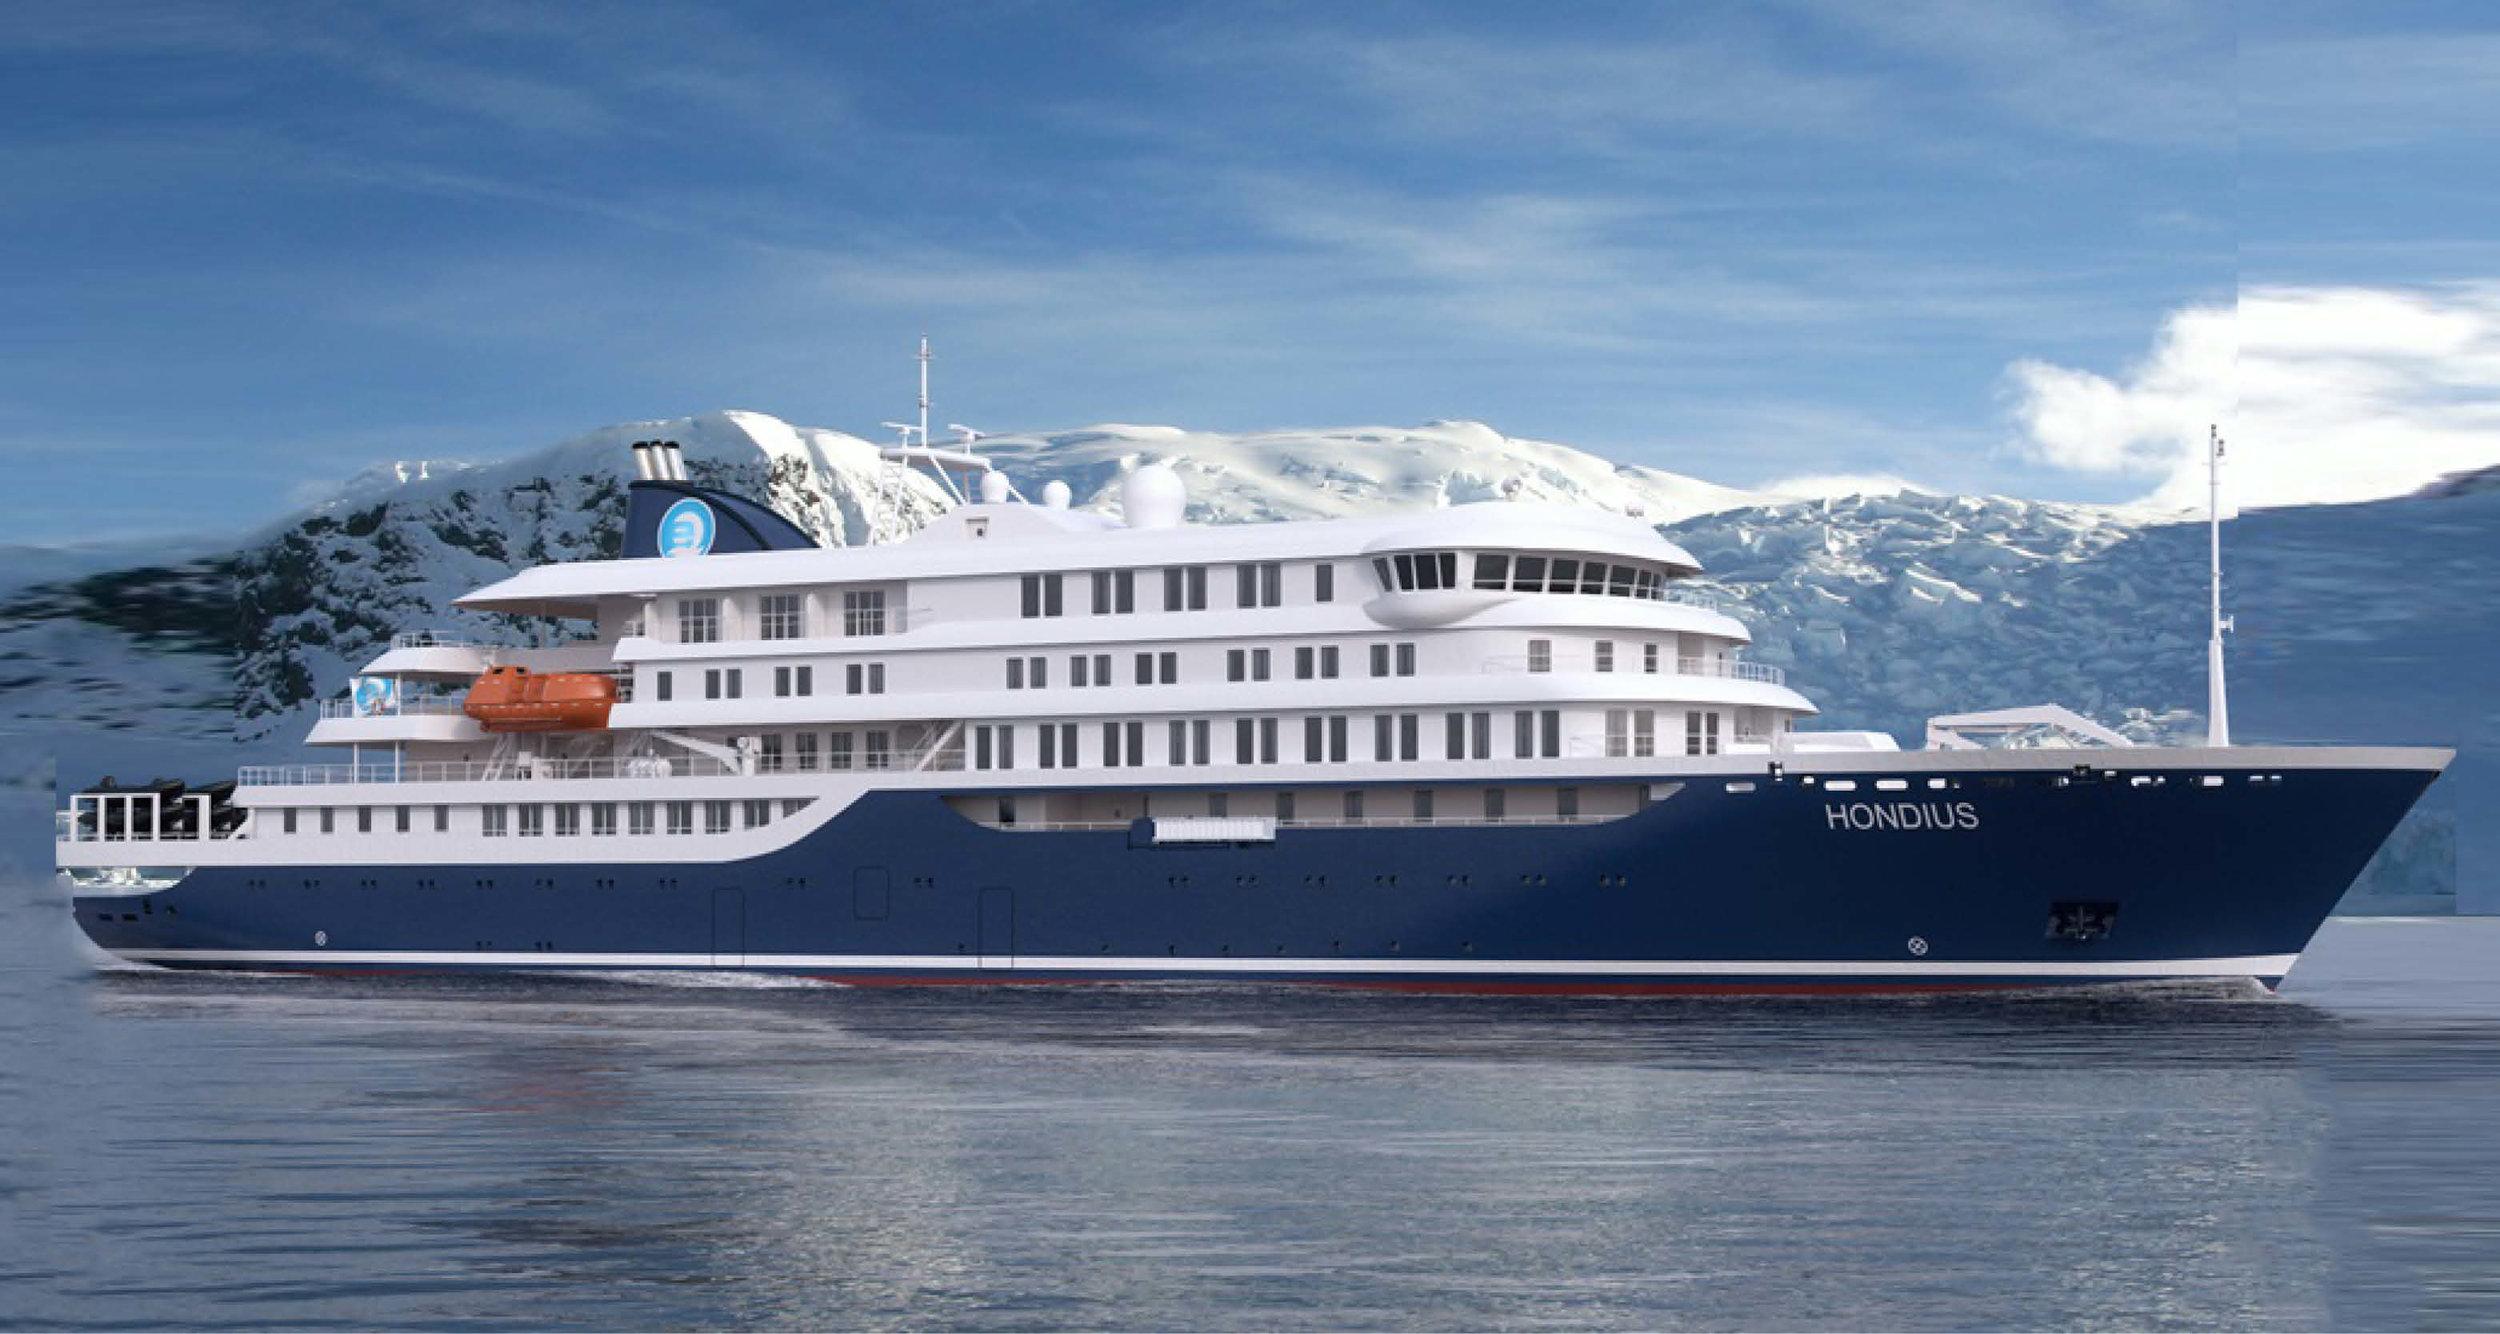 Dream-Maker-Travel-Ship-MV-Hondius.jpg